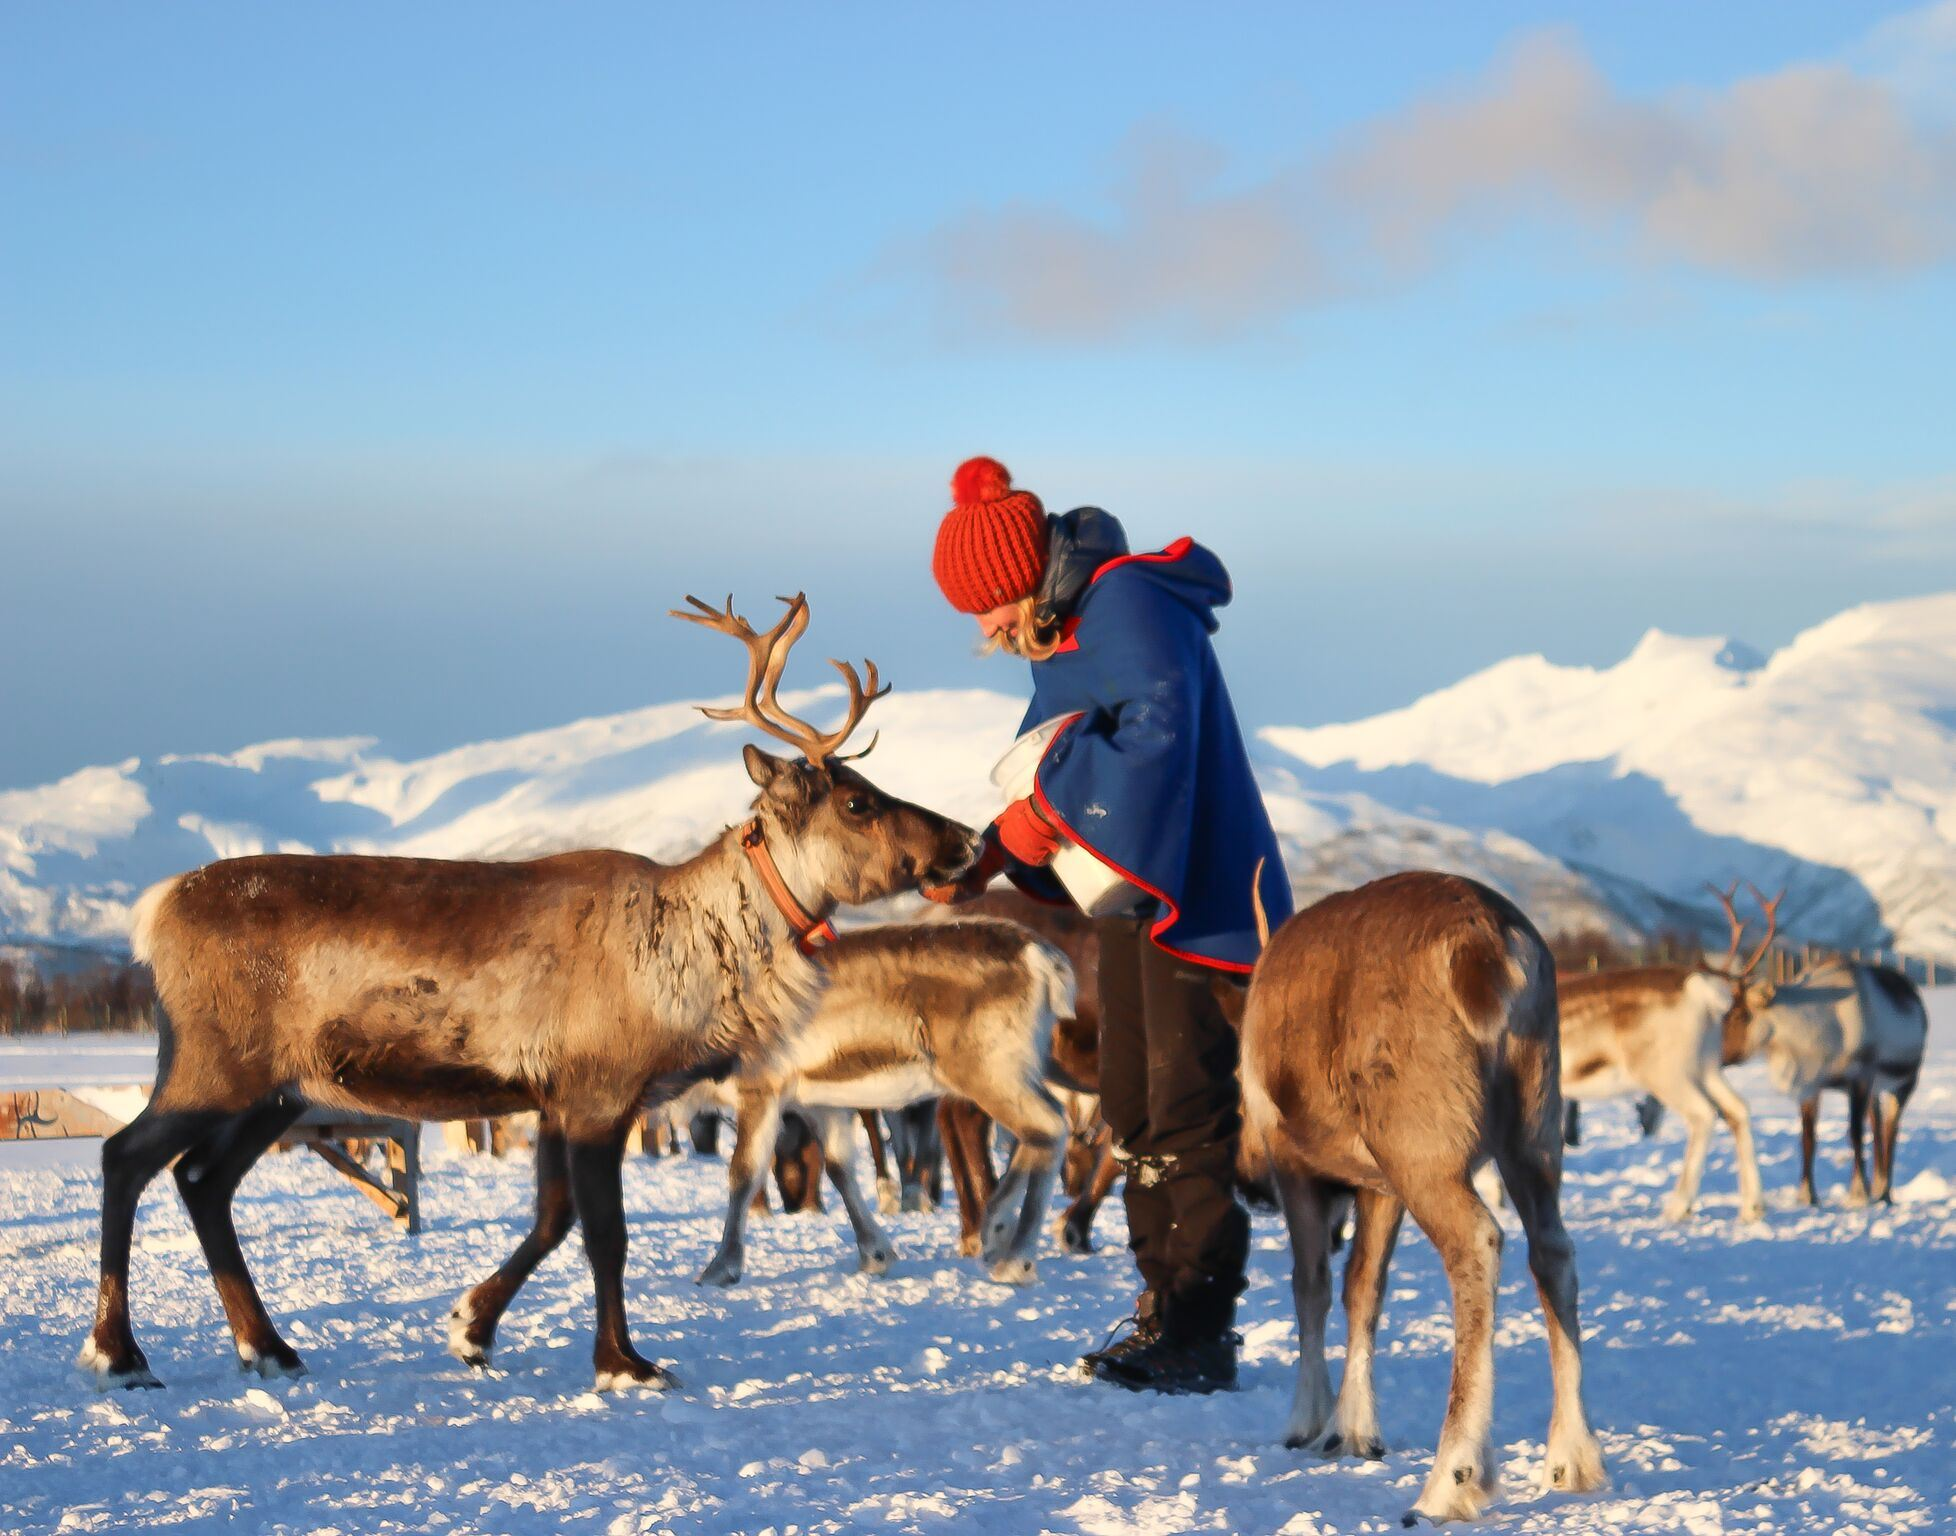 Sami Reindeer Feeding